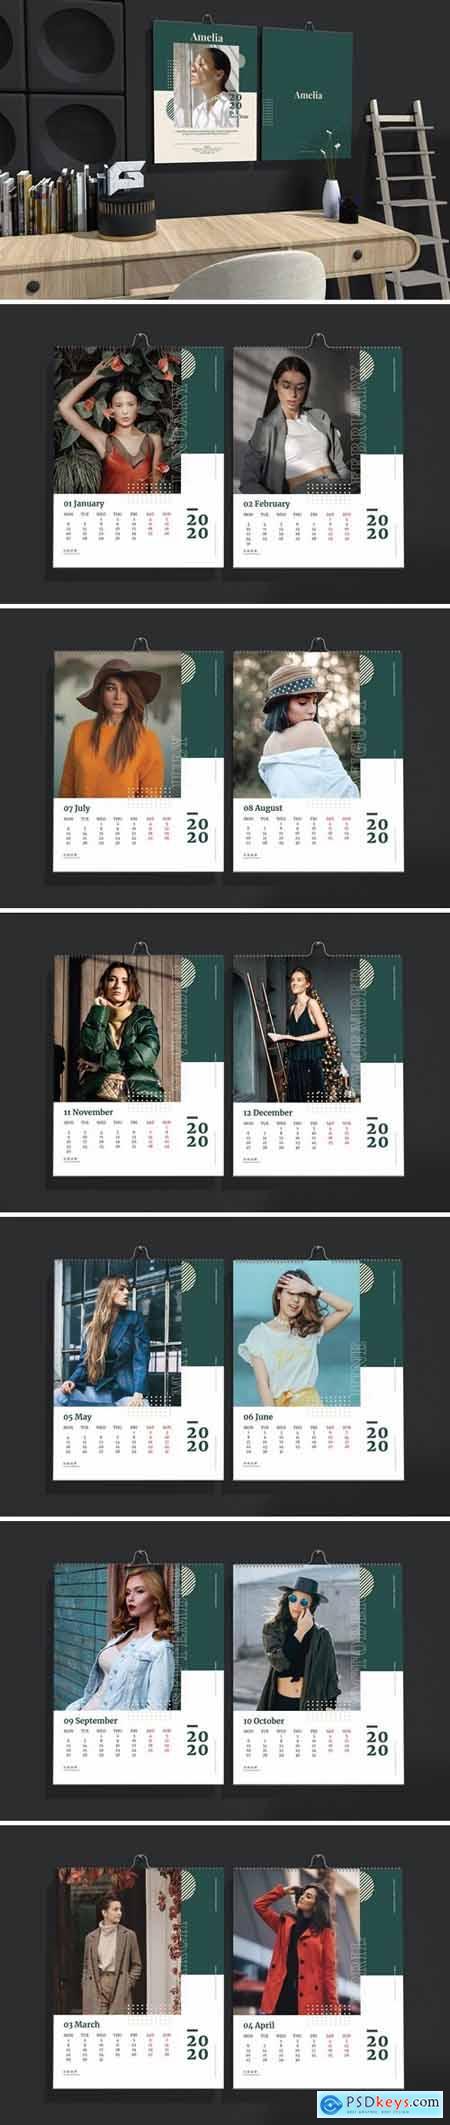 Amelia - Fashion Wall Calendar 2020